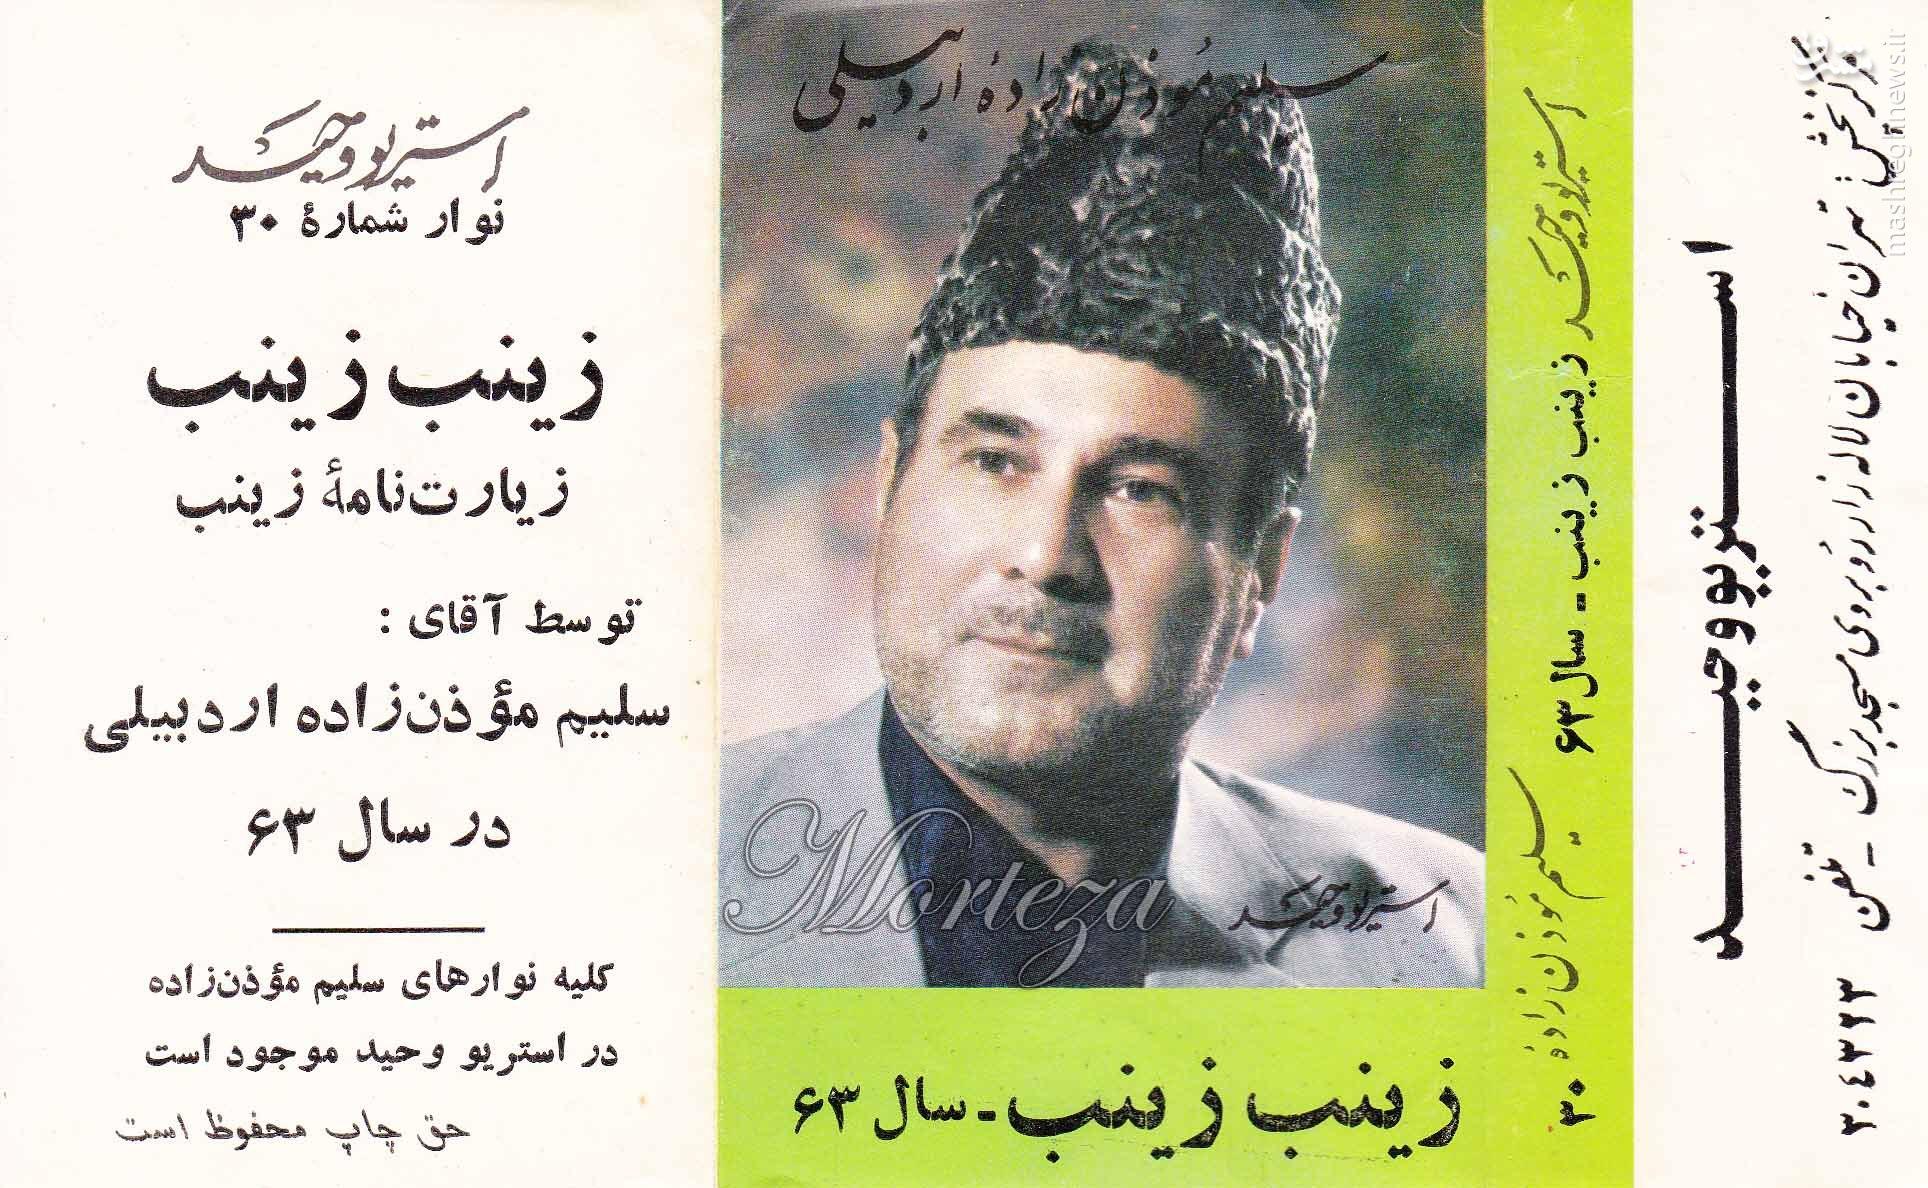 زندگینامه مختصر مرحوم سلیم موذنزاده +عکس